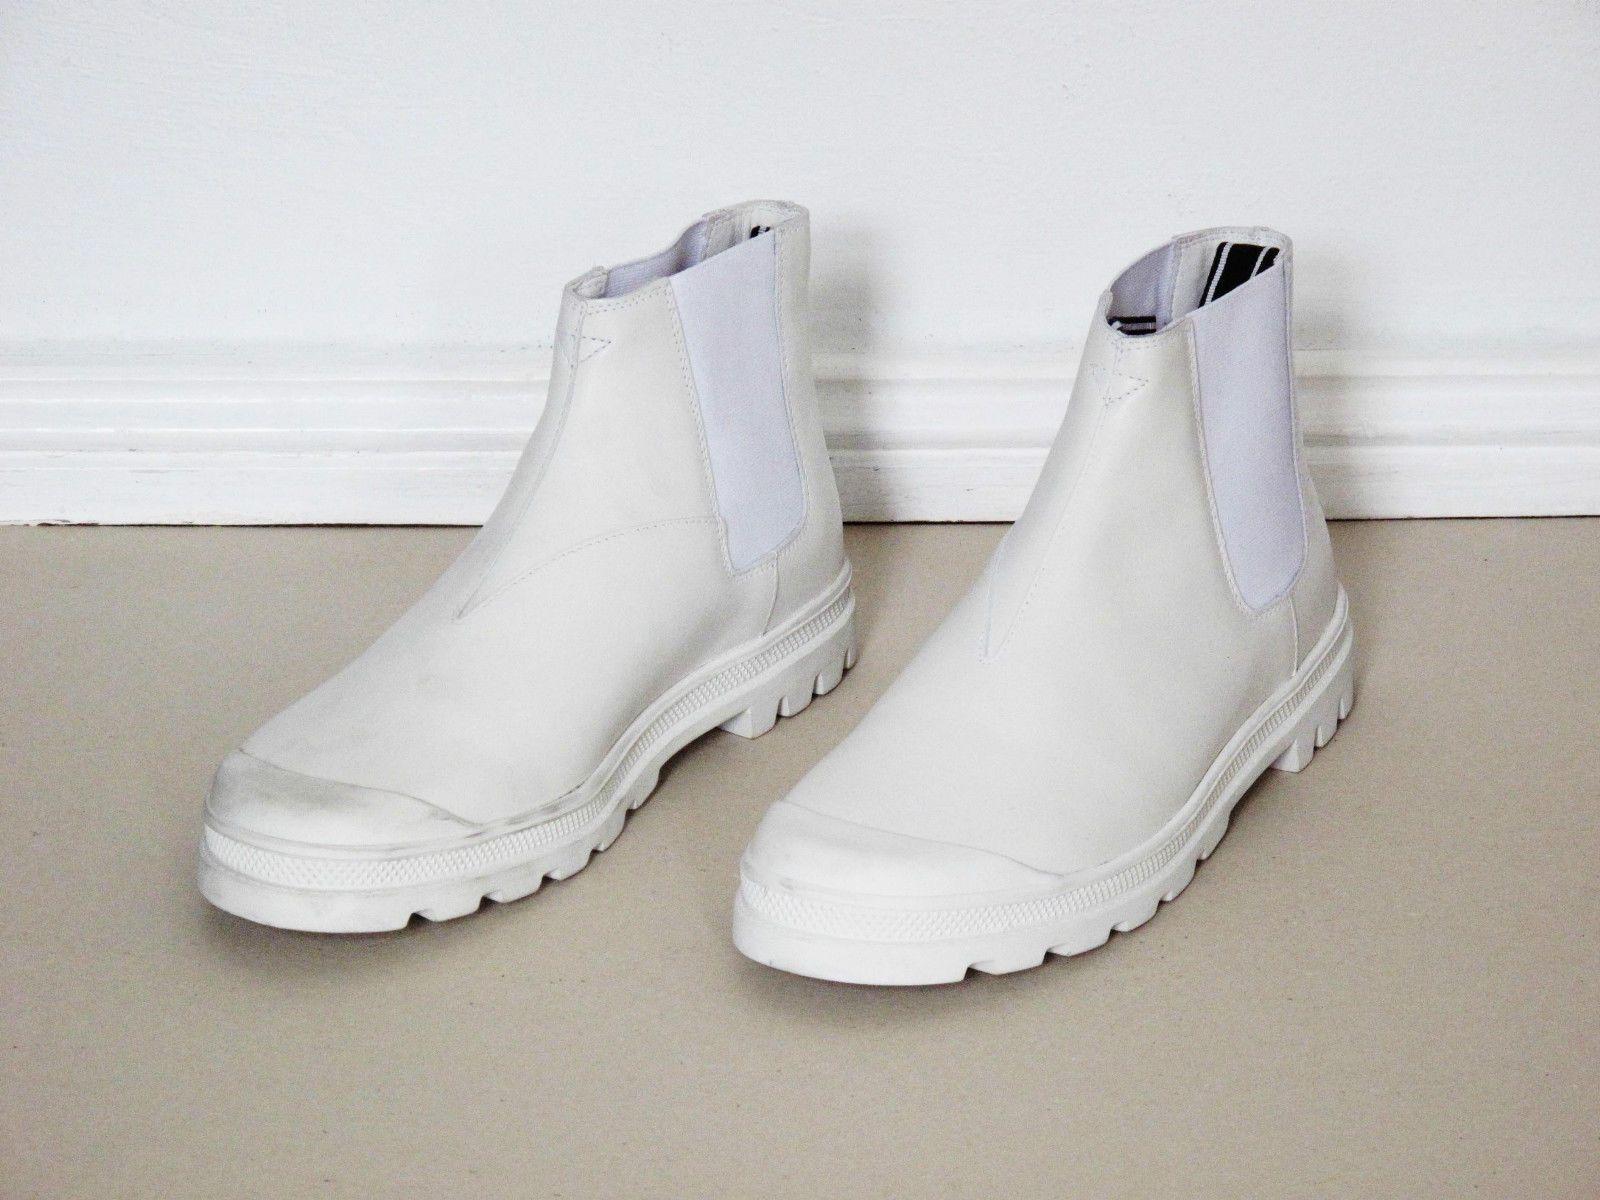 Helmut Lang Sz 8 42 Neu Mens Shoes Boots Acne Schuhe Apc Stiefel Weiss Mens Shoes Boots Shoe Boots Men S Shoes